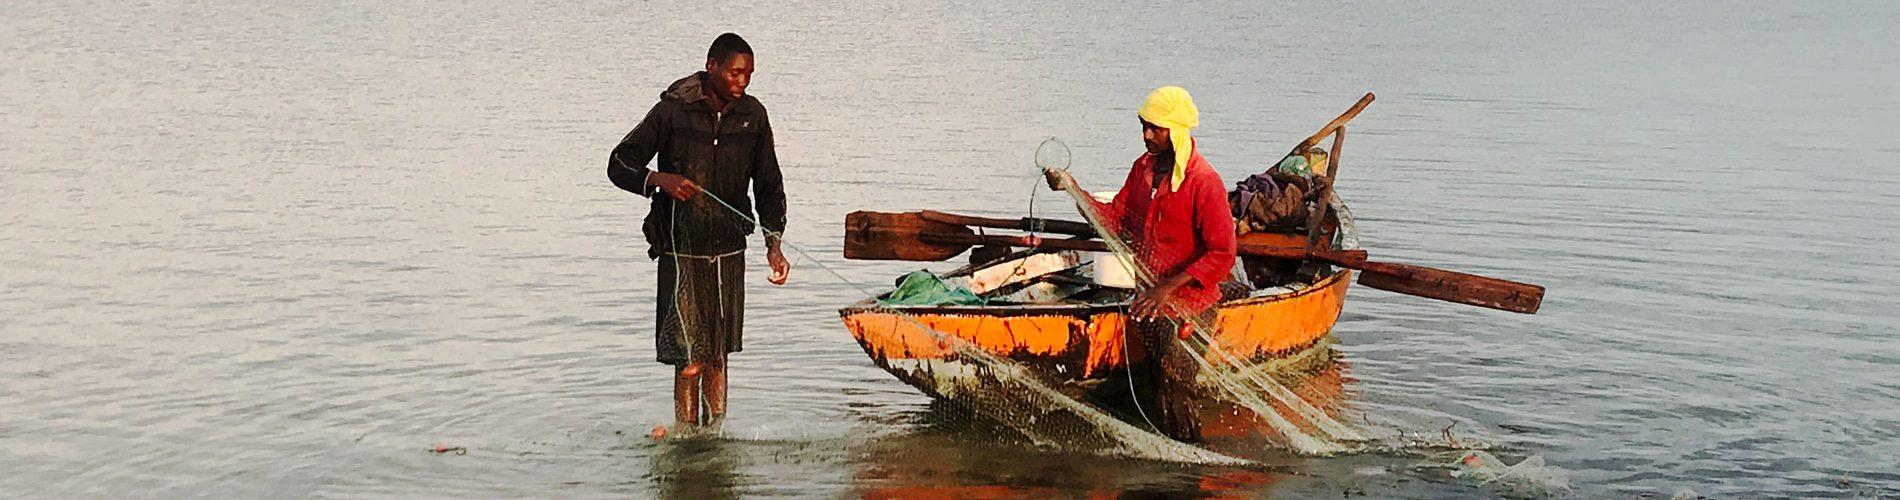 Mozambique Fishermen